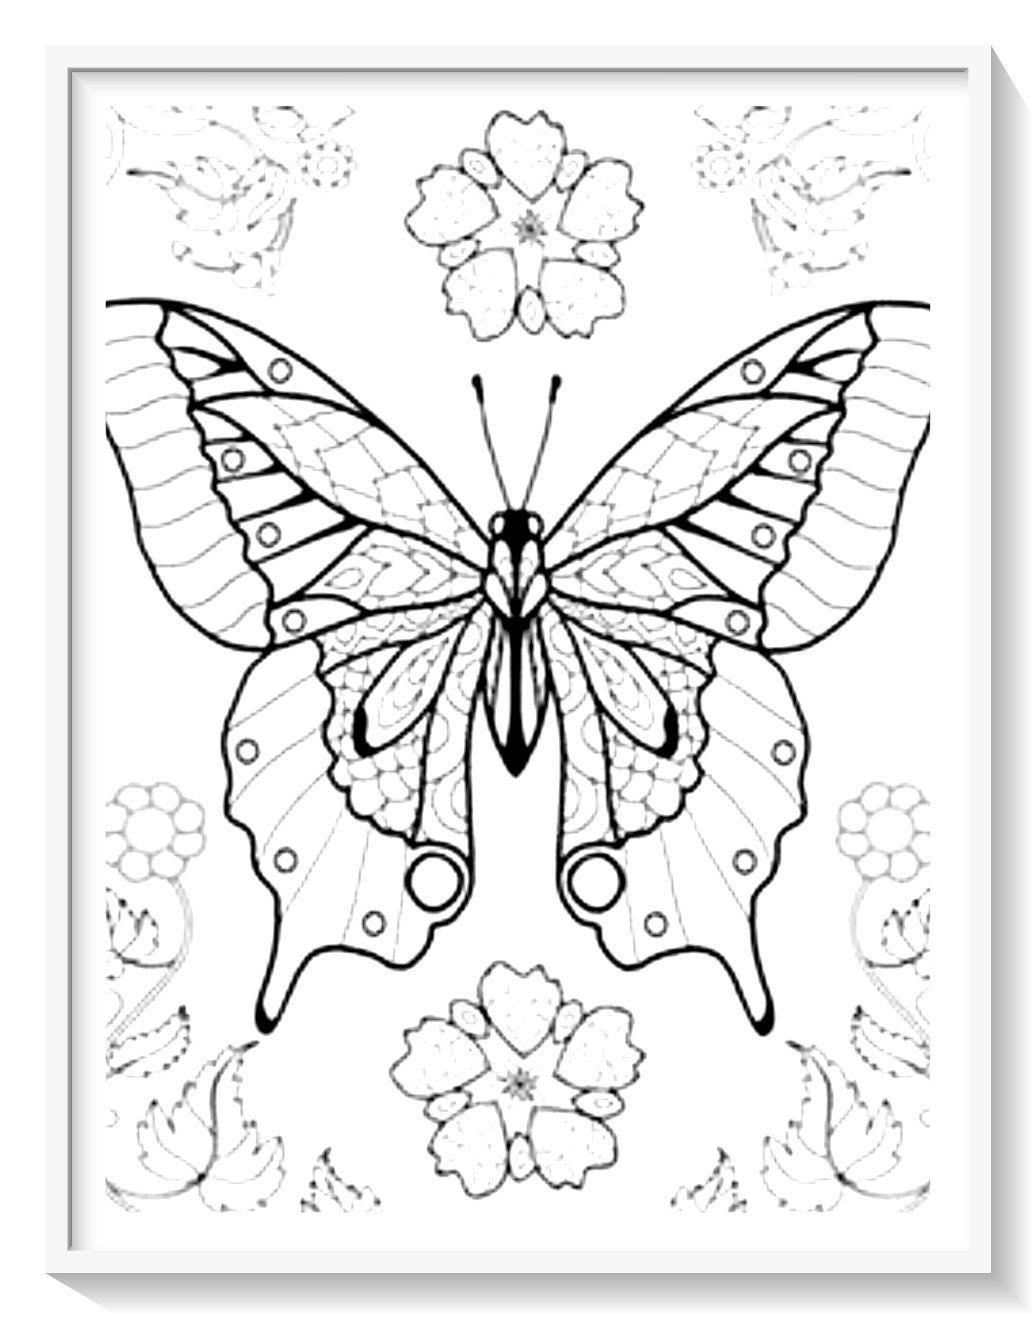 Los Más Lindos Dibujos De Mariposas Para Colorear Y Pintar A Todo